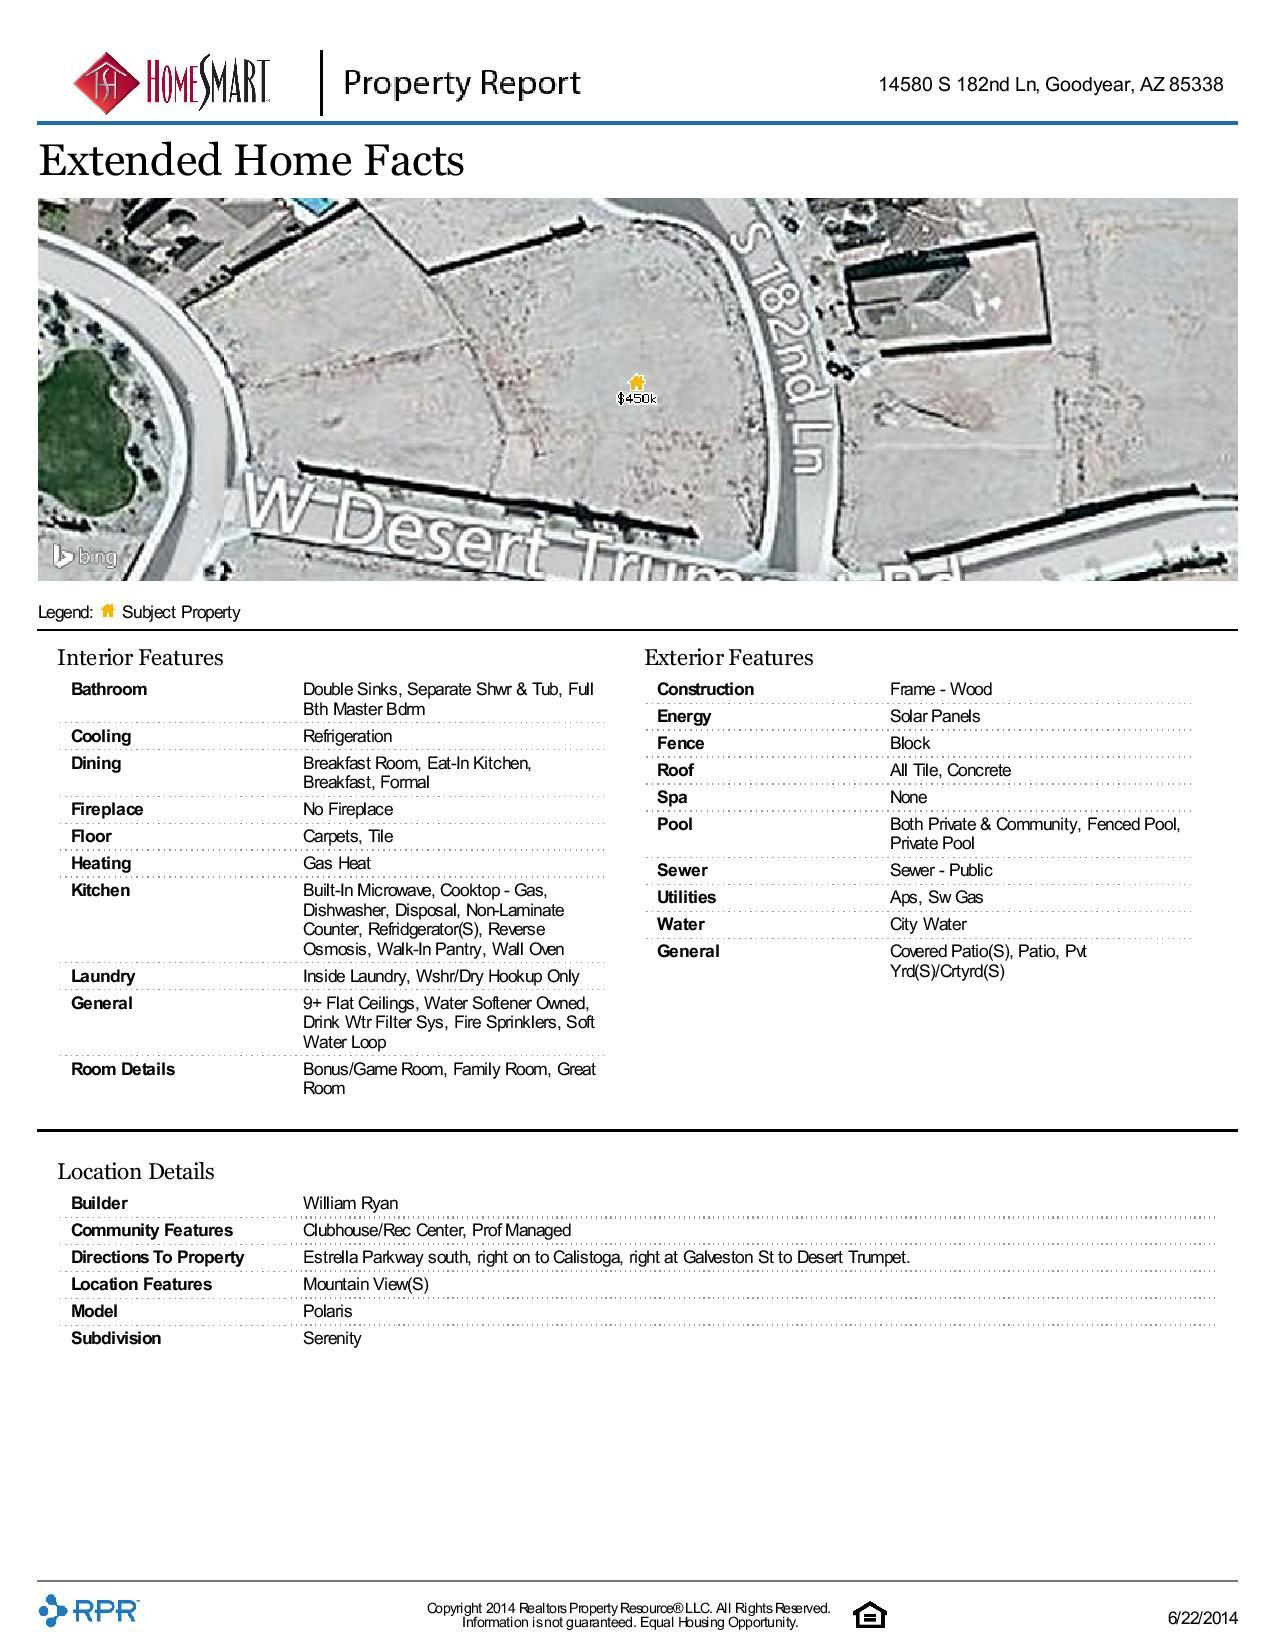 14580-S-182nd-Ln-Goodyear-AZ-85338-page-004